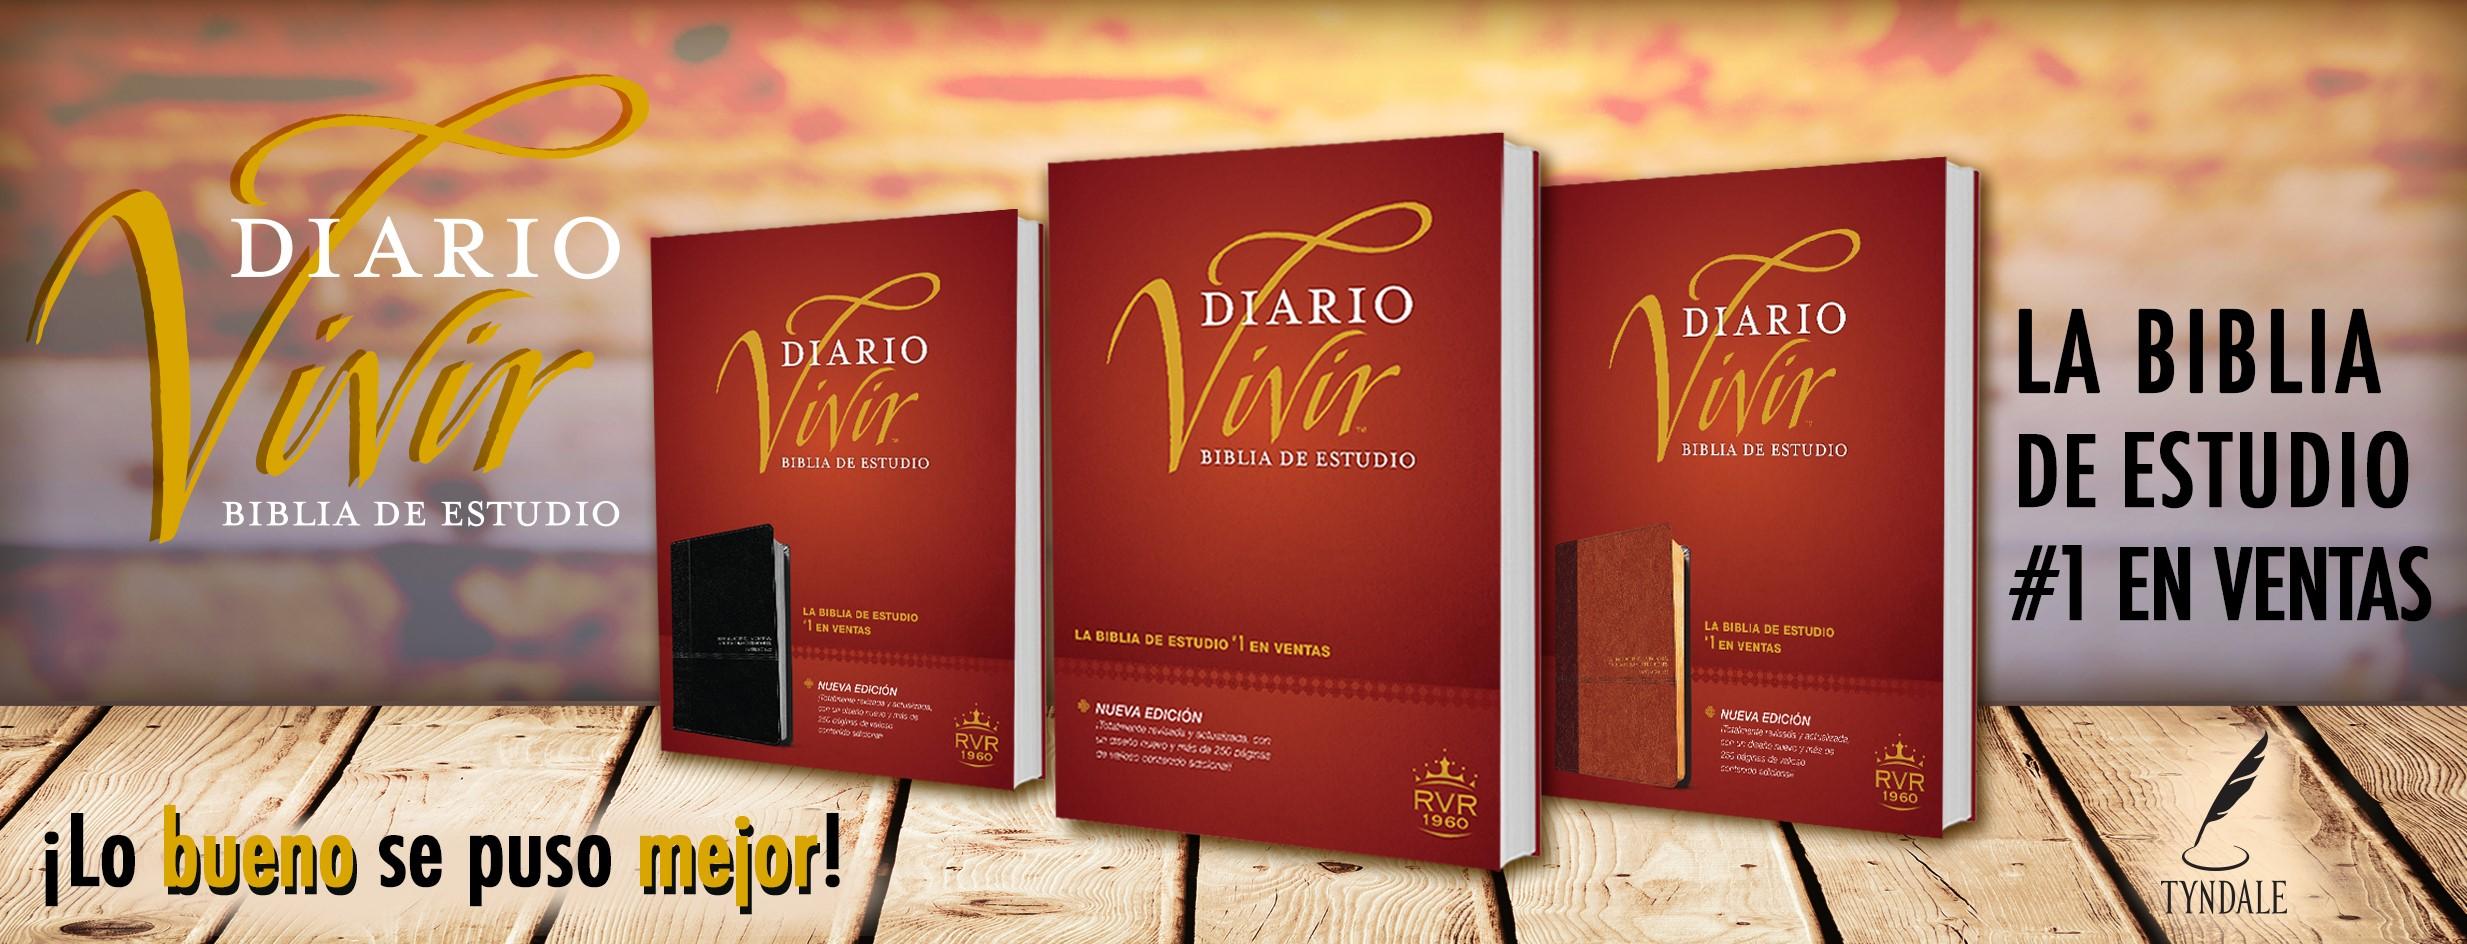 4. FB_Cover_BibliaDVRV60